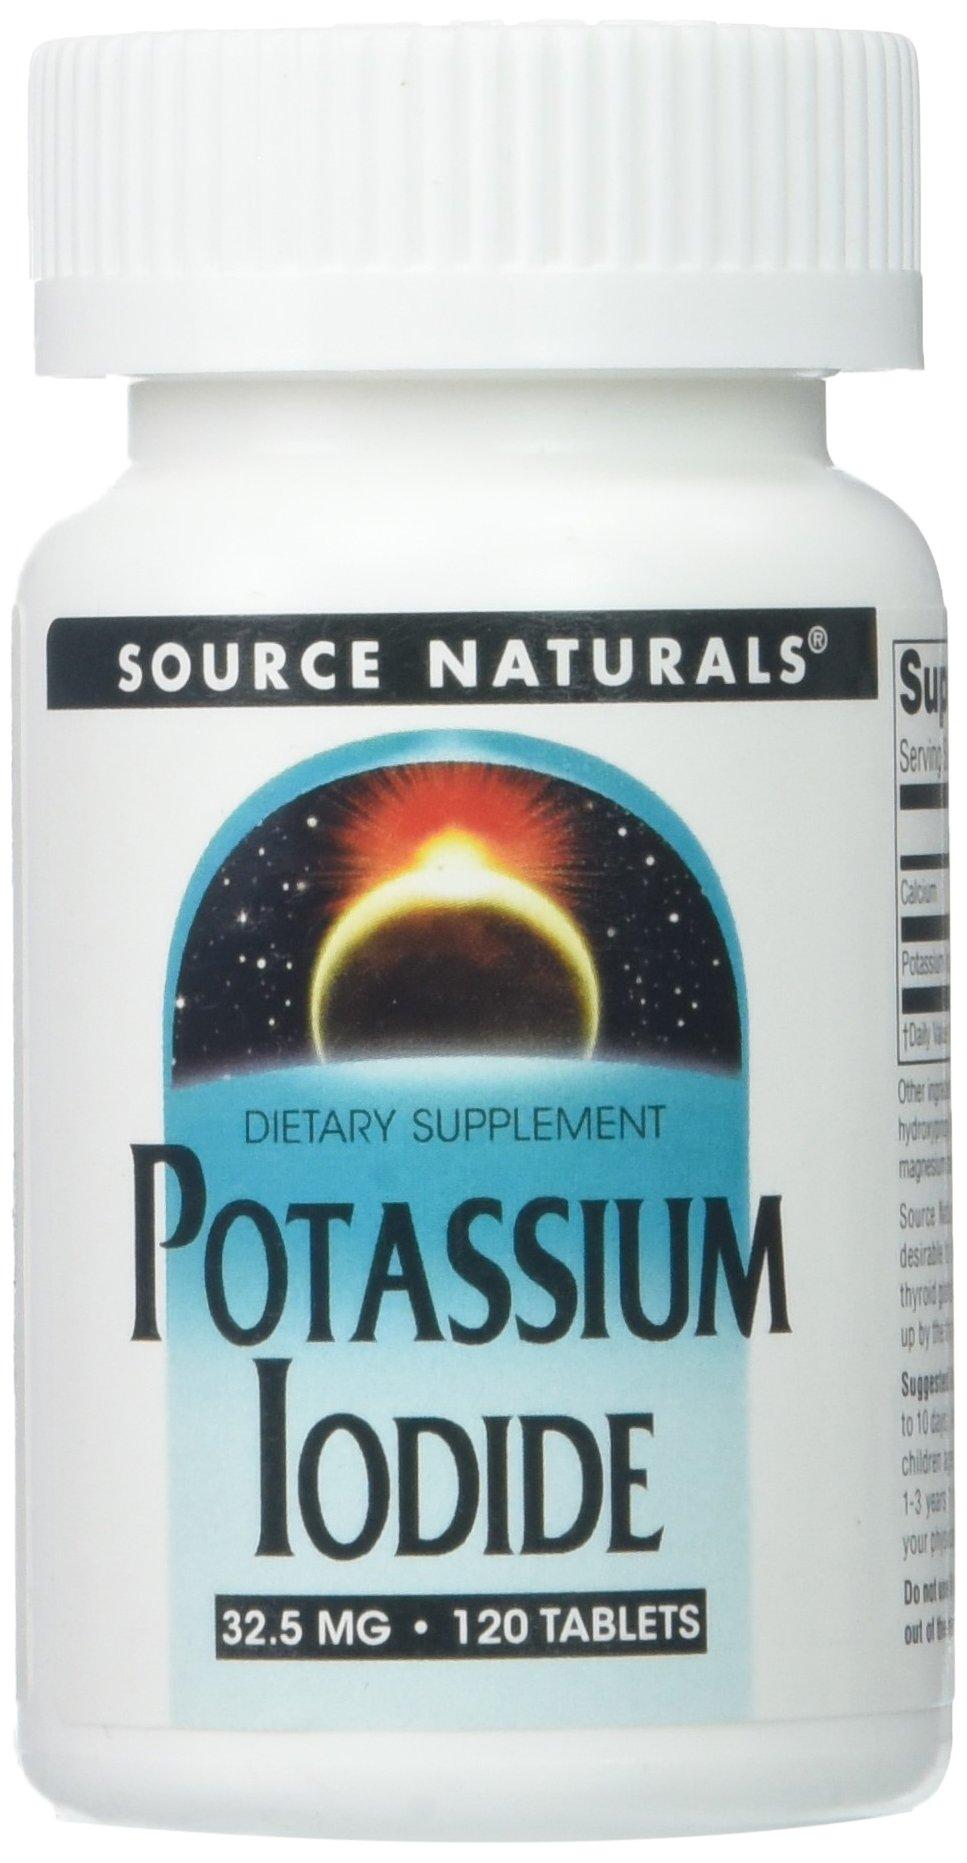 Source Naturals: Potassium Iodide, 120 tabs